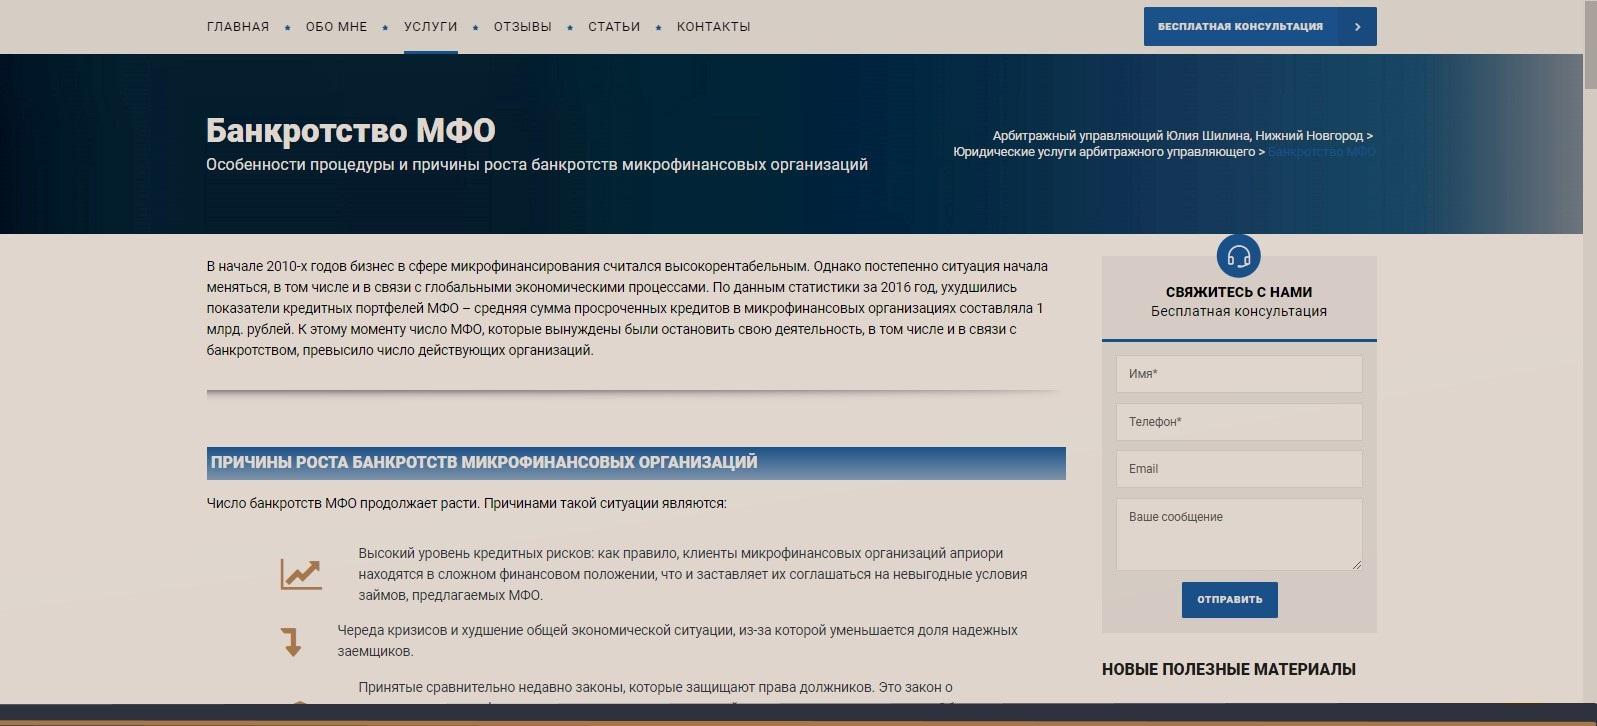 Изображение для страницы об услугах арбитражного управляющего в процедуре банкротства МФО, сайт Юлии Шилиной, Нижний Новгород